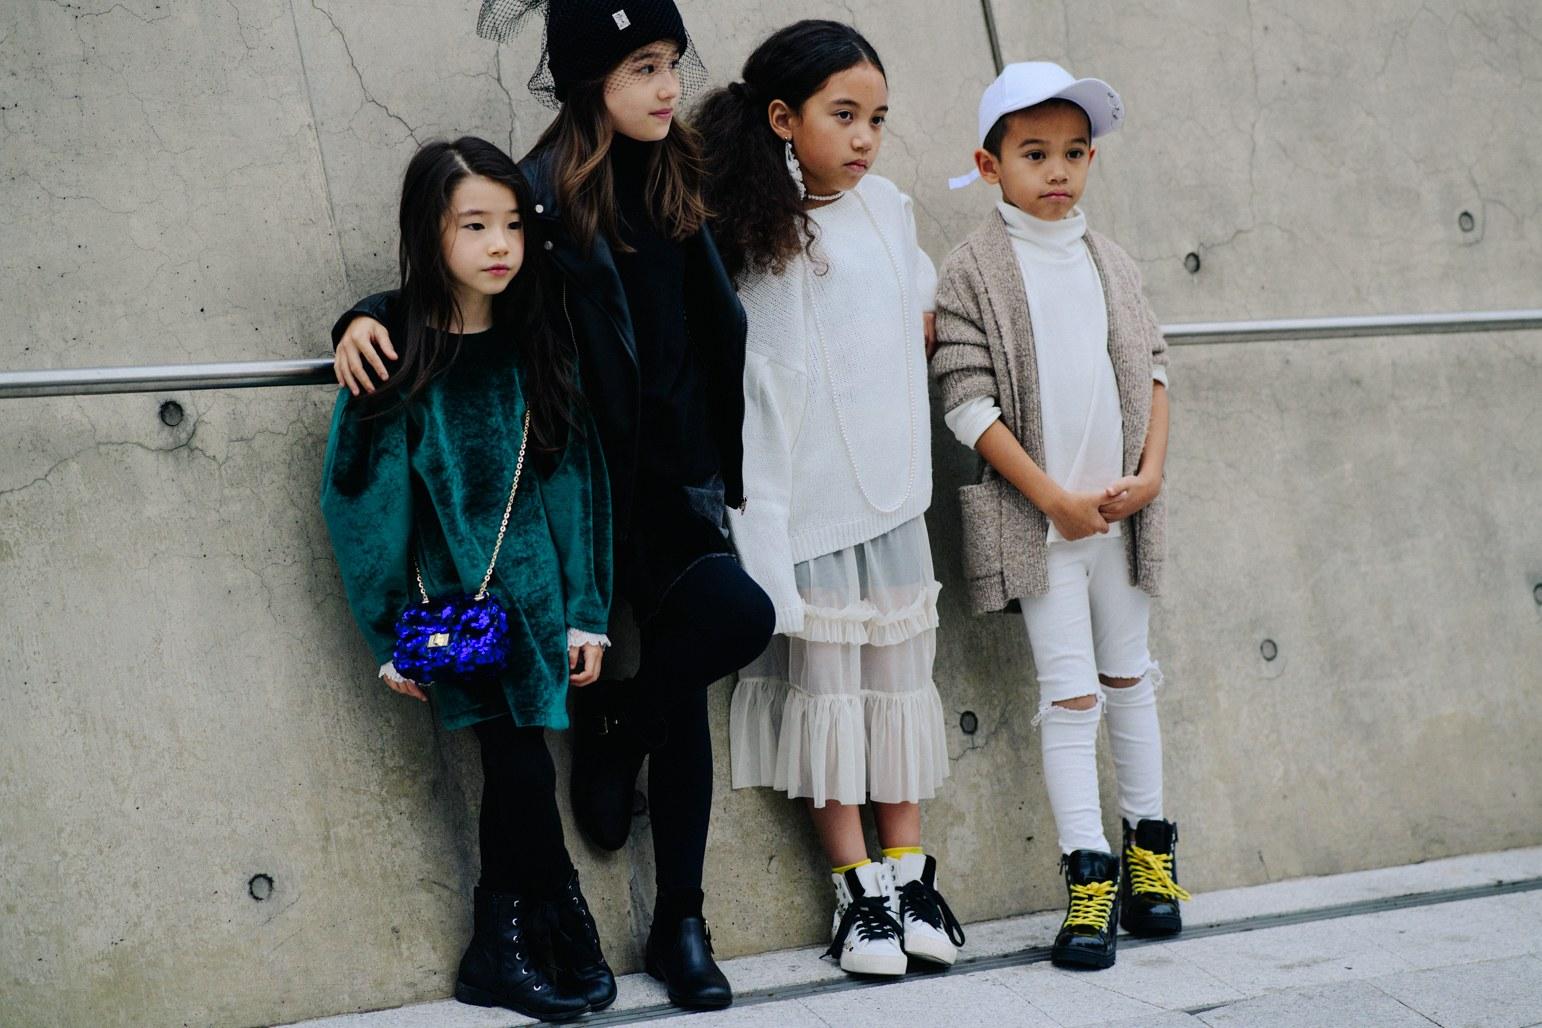 Seoul Fashion Week: Riêng về street style, giới trẻ Hàn nào có thua kém các ngôi sao nổi tiếng - Ảnh 19.